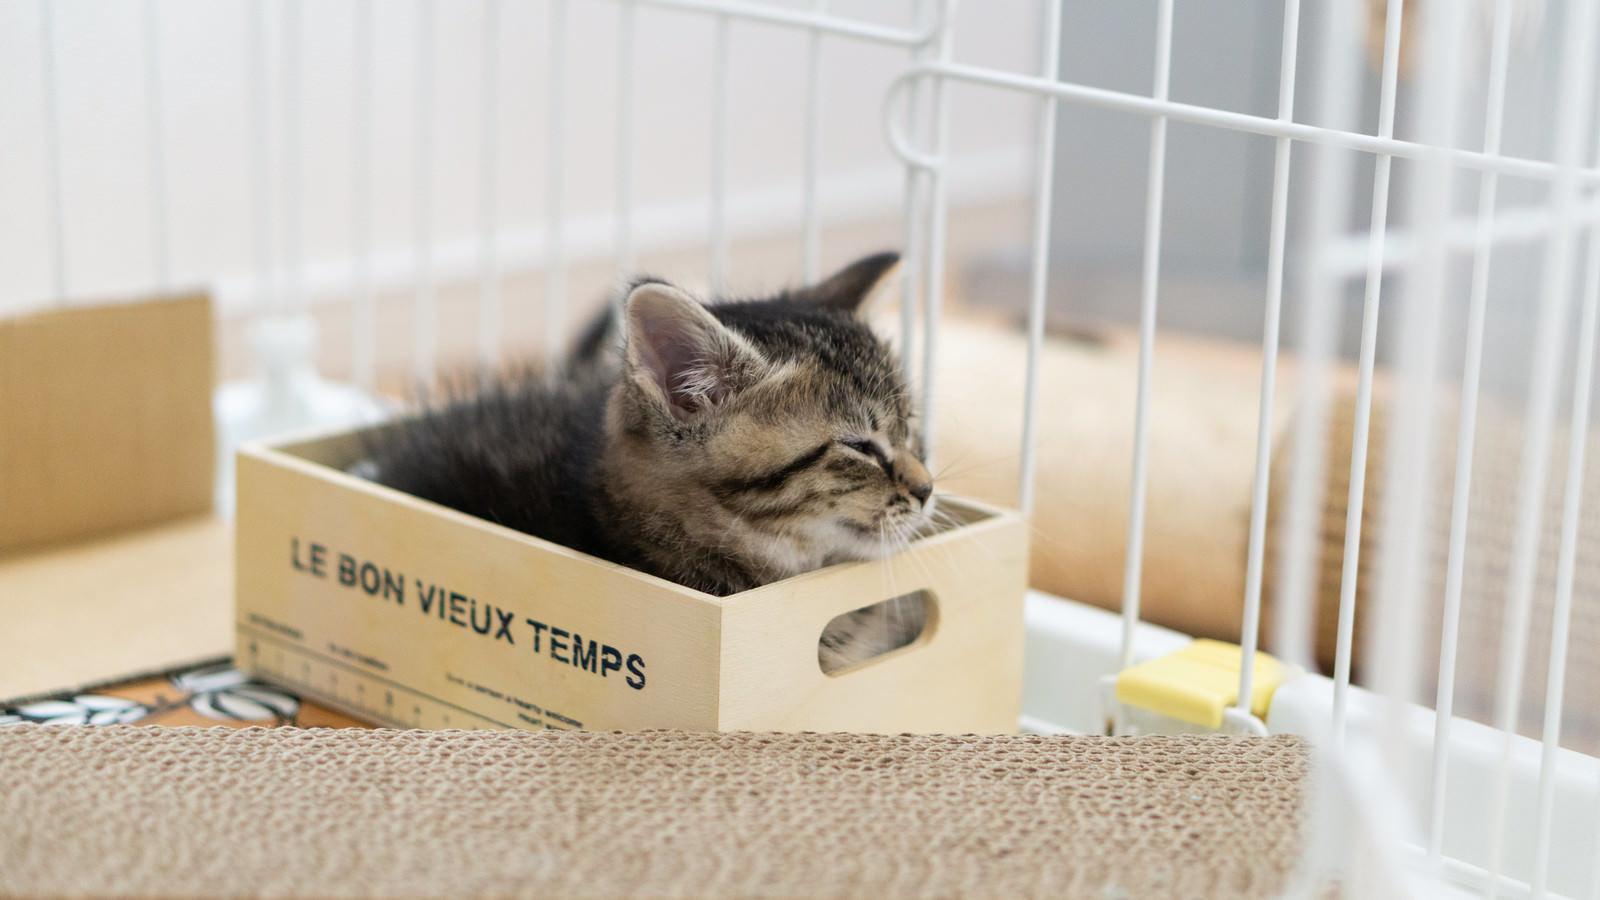 「小さいボックスに入る子猫」の写真